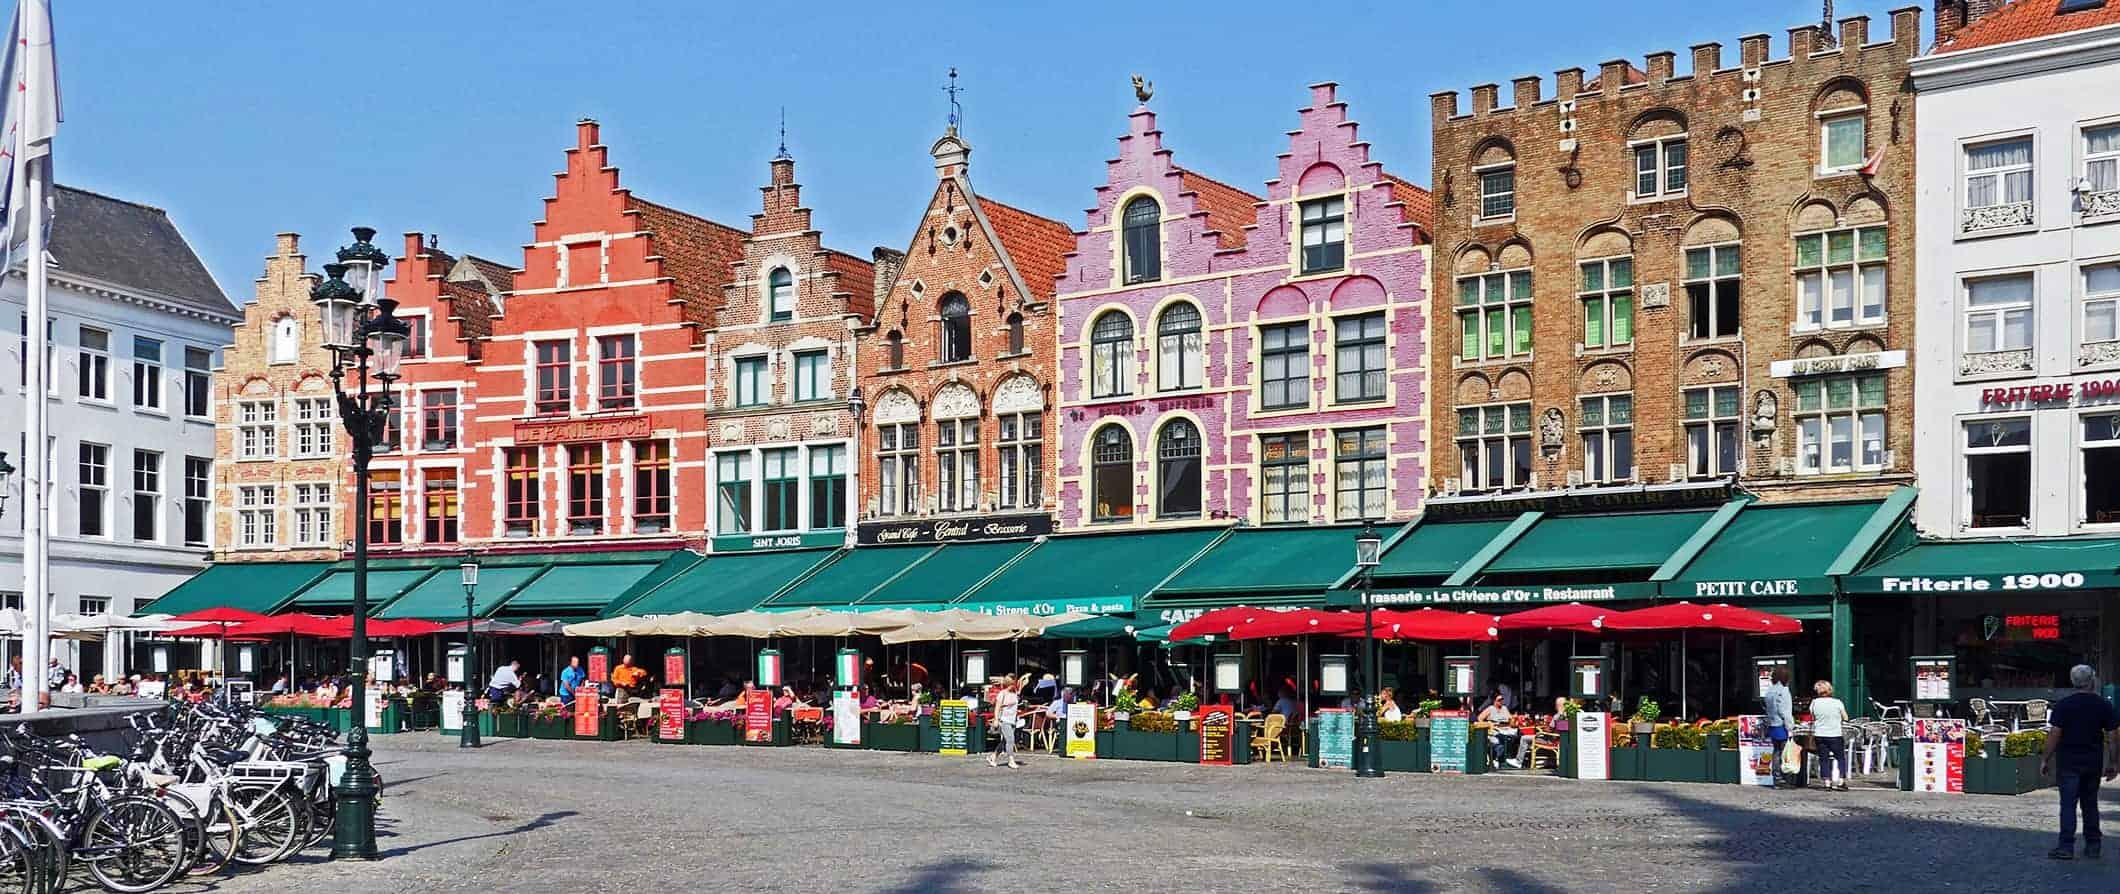 belgium travel guide 2019